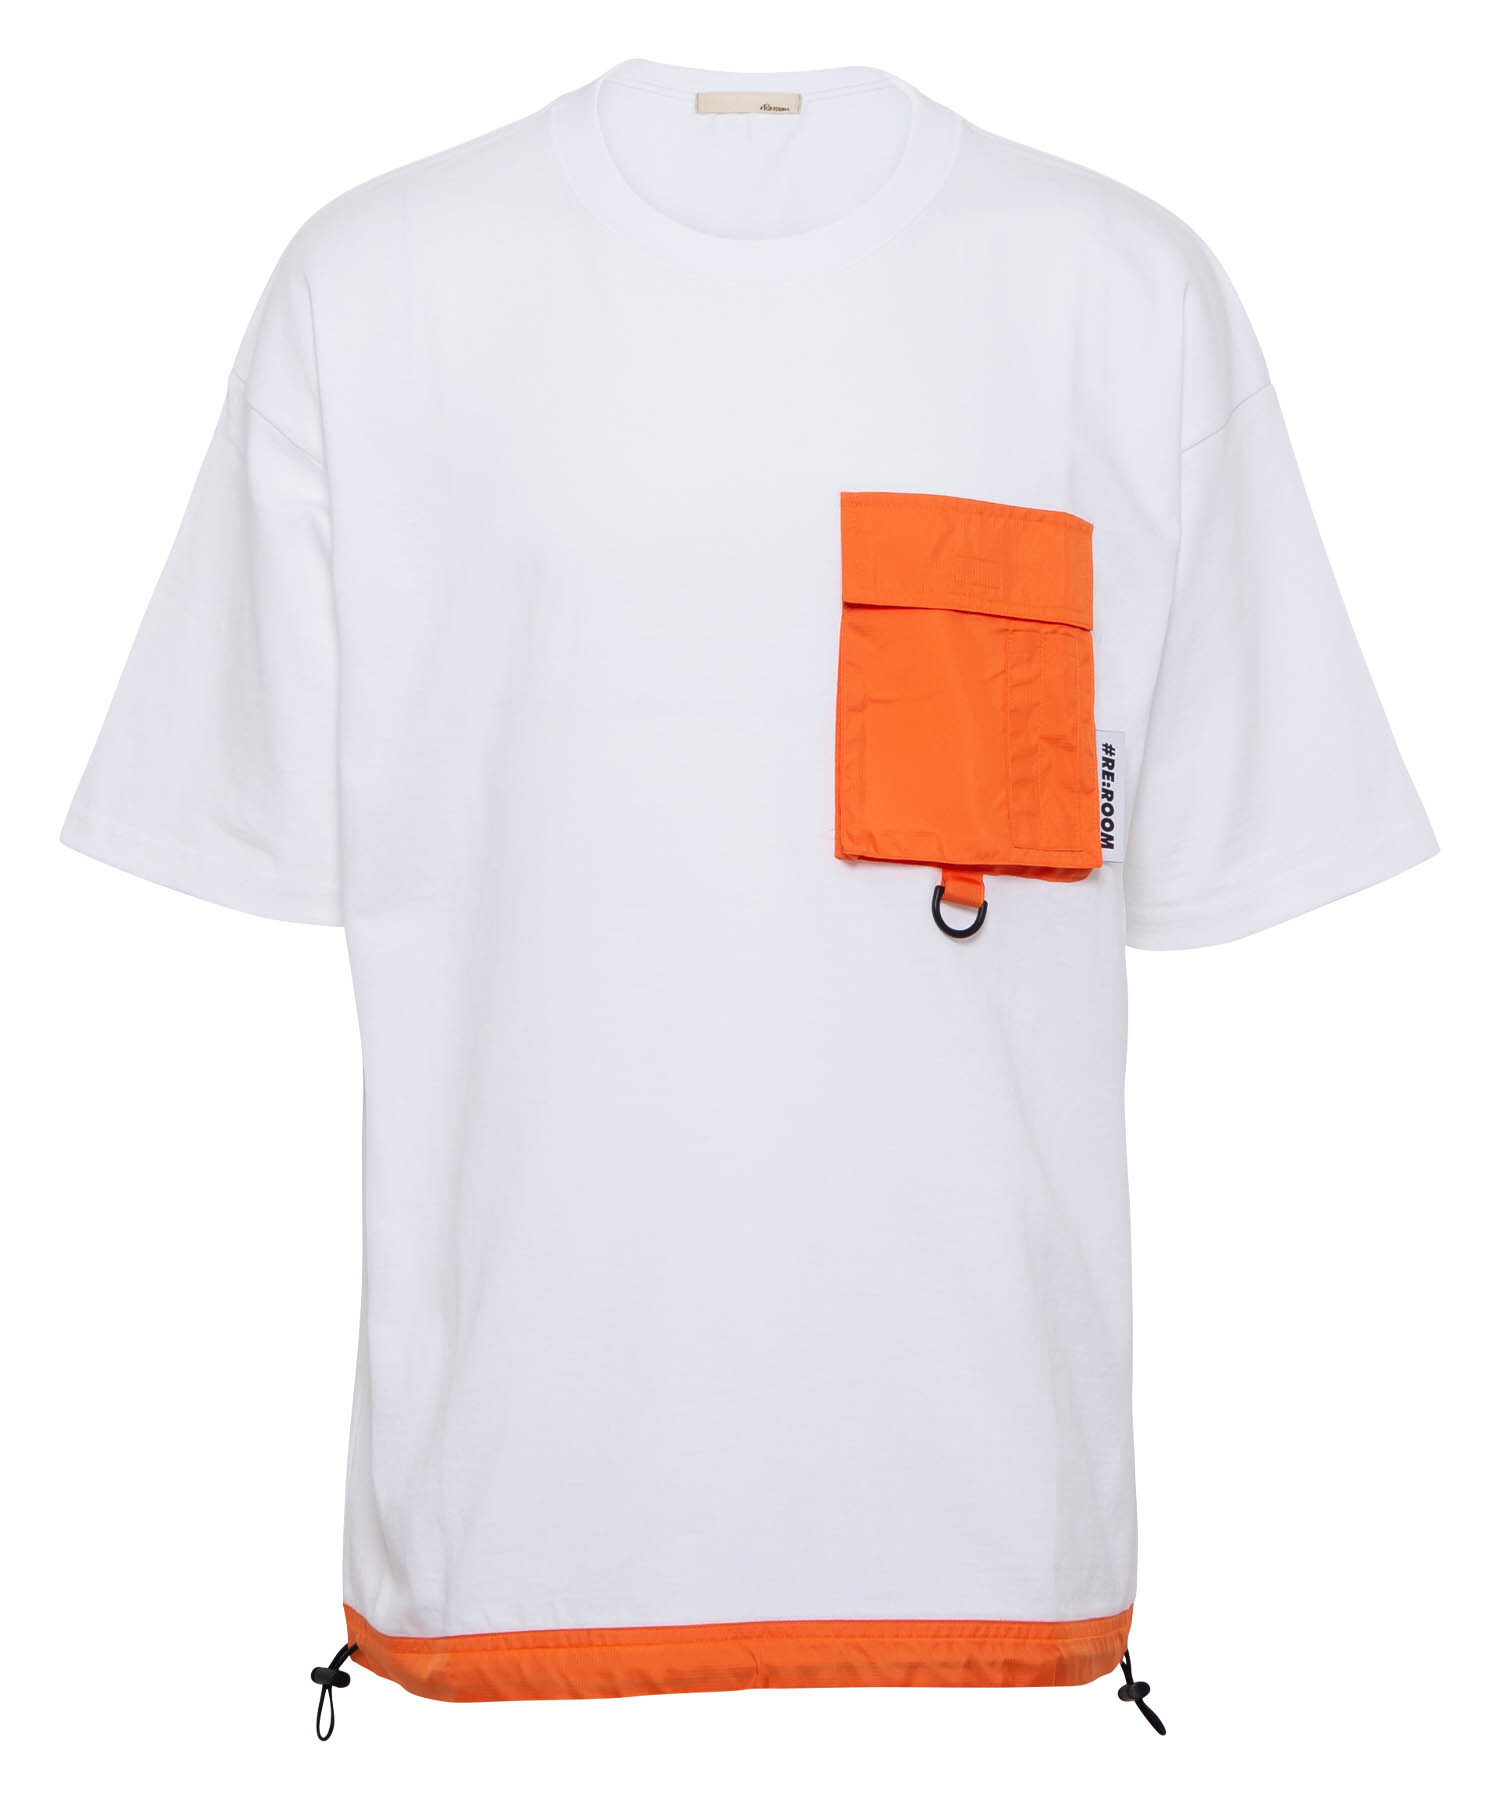 NYLON POCKET BIG T-shirt[REC379]